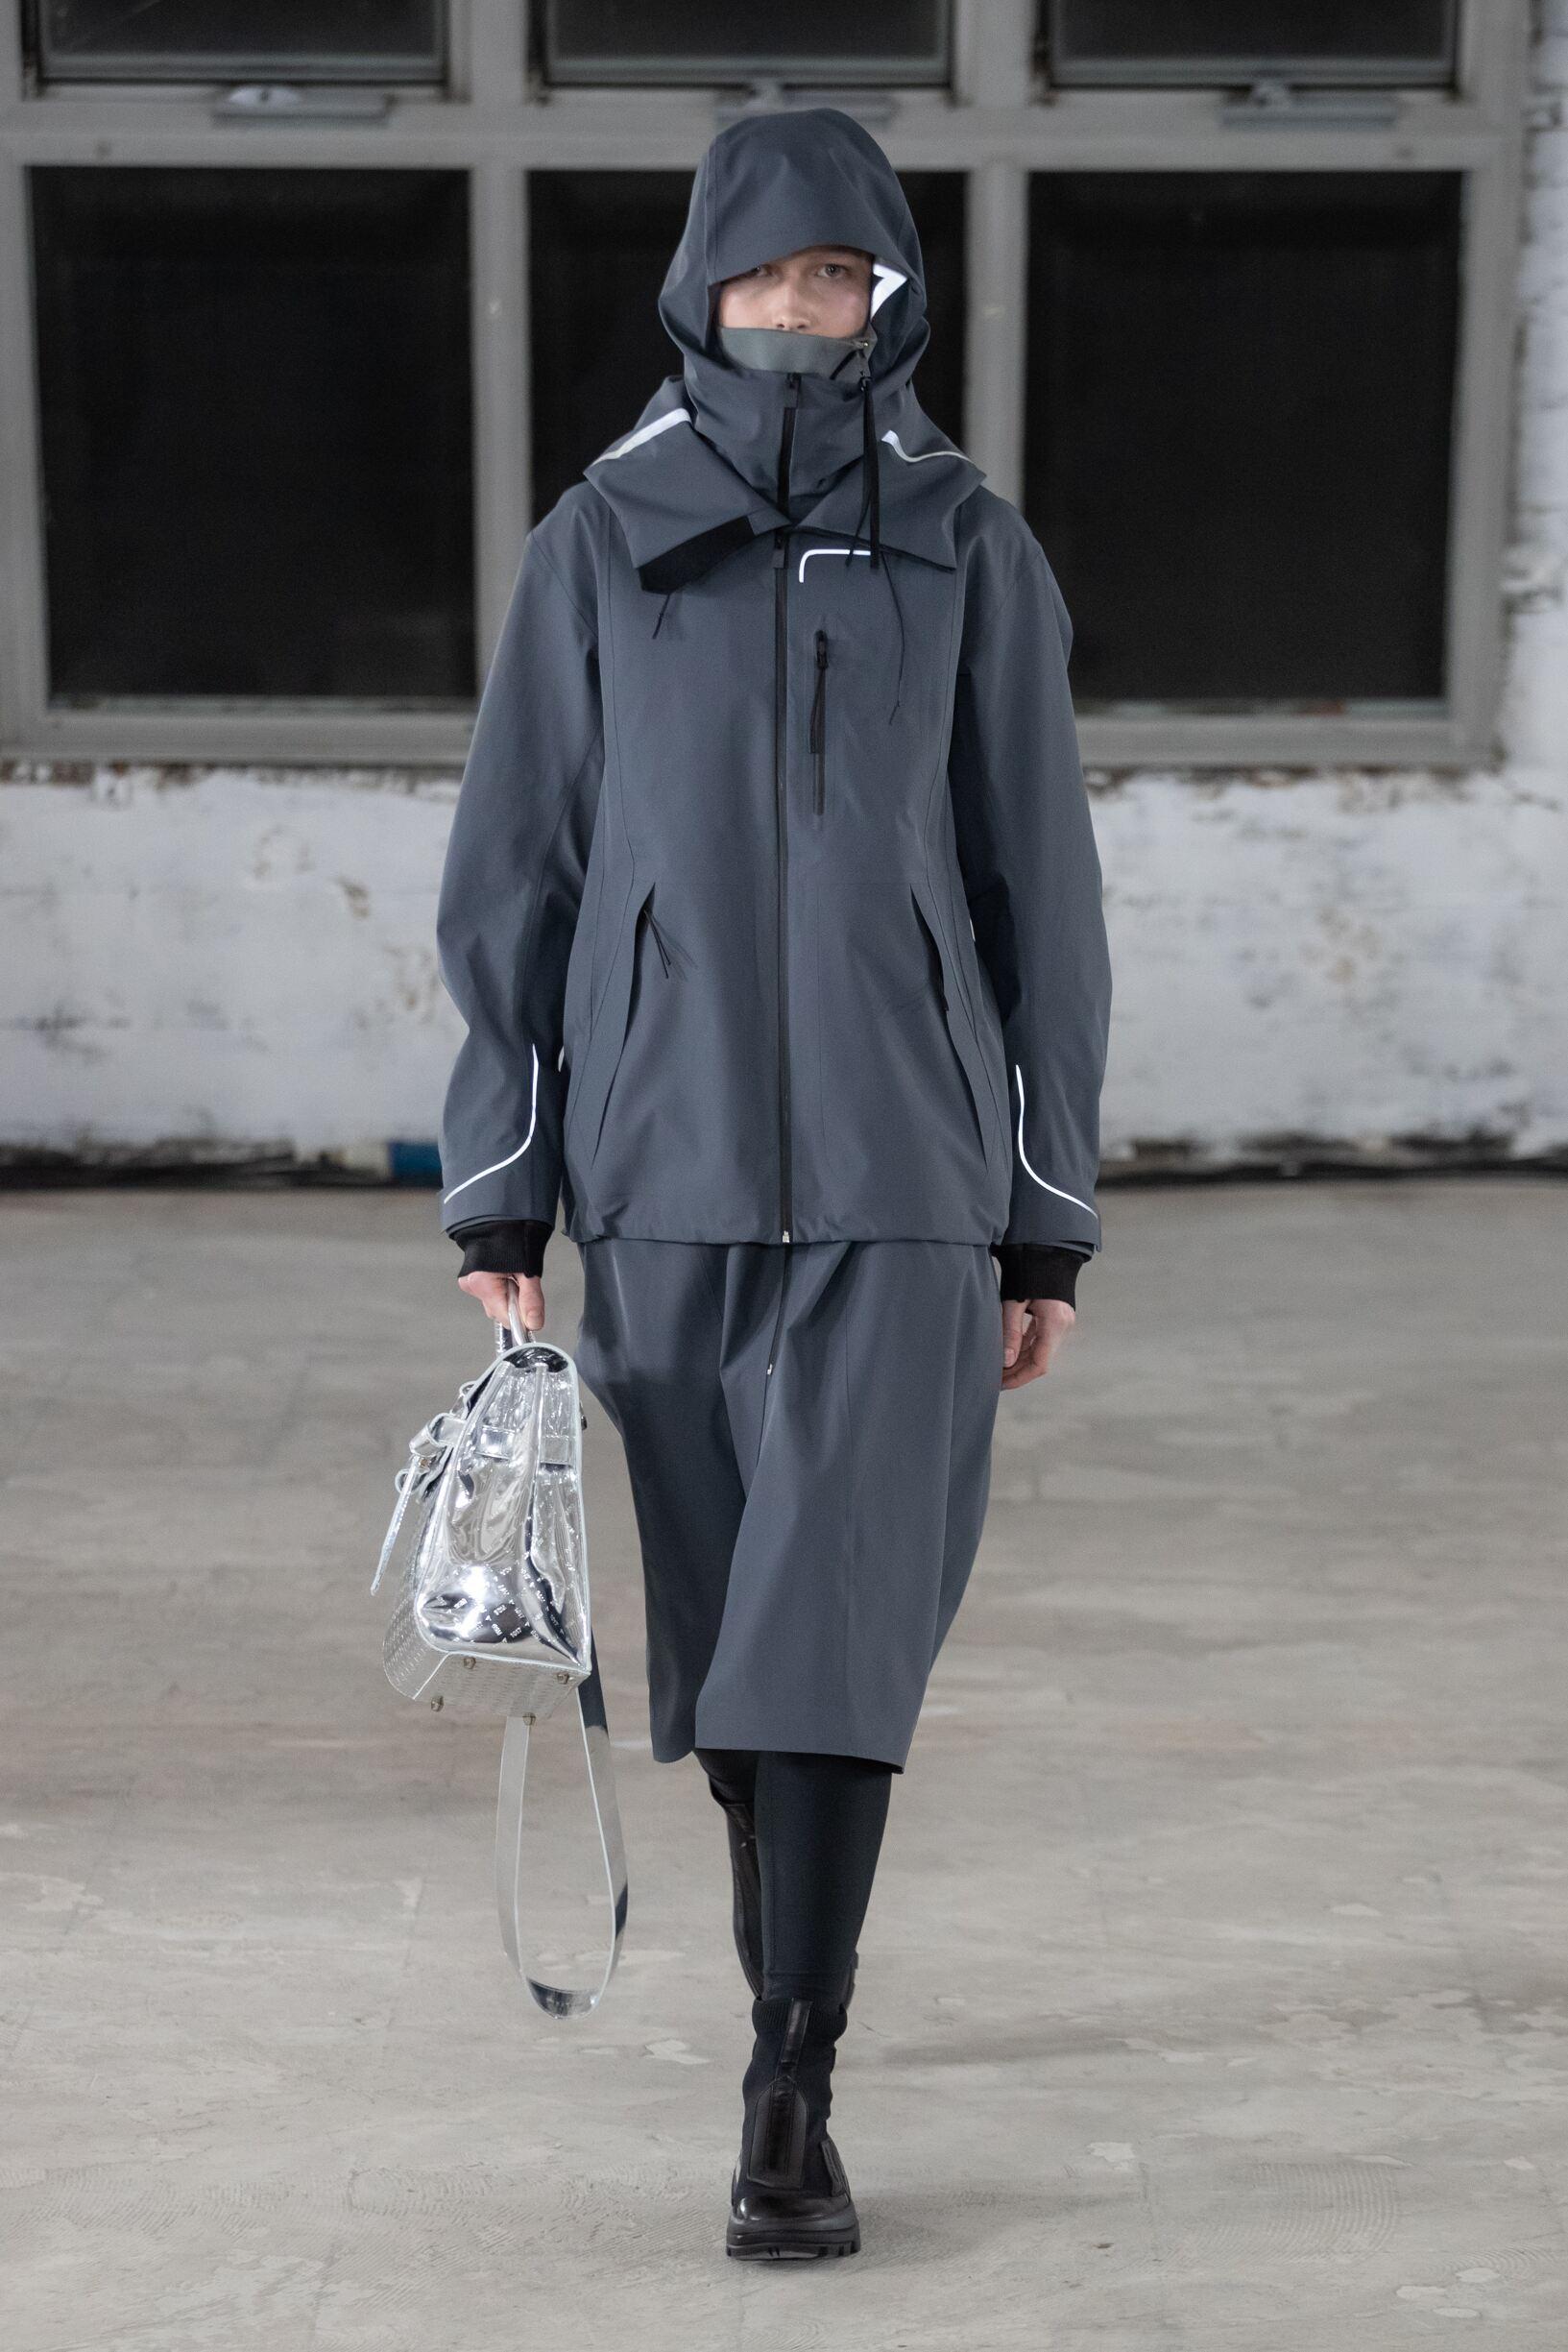 Fashion Model ALYX Catwalk